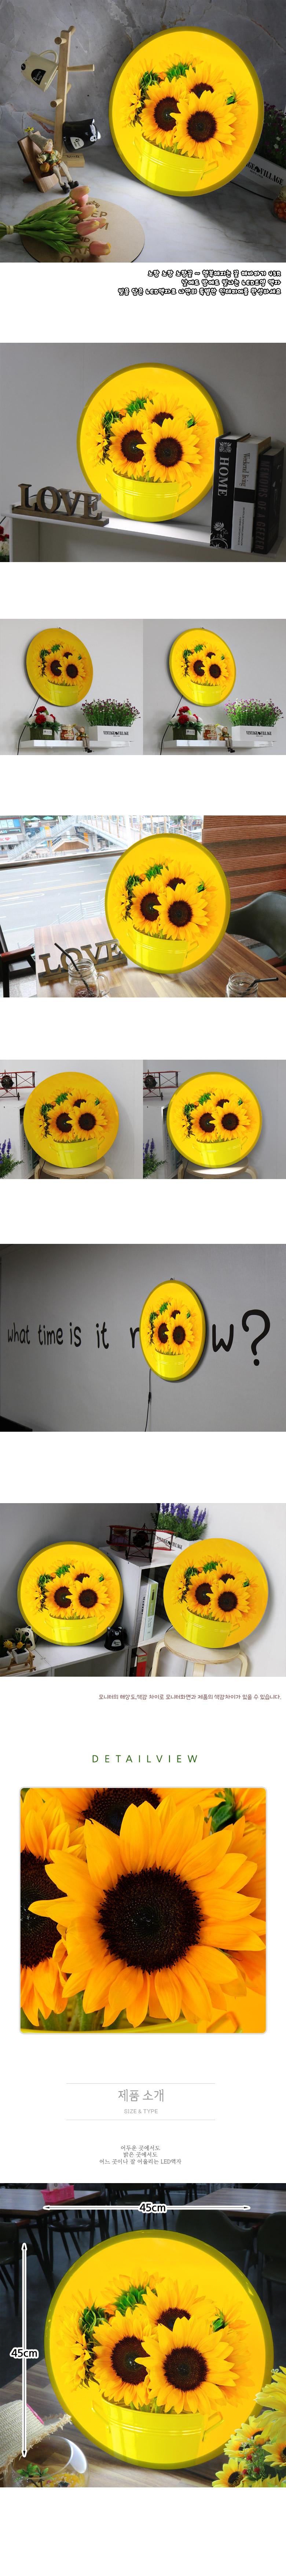 LED액자45R_행복해지는꽃해바라기 - 꾸밈, 86,000원, 포인트조명, 터치조명